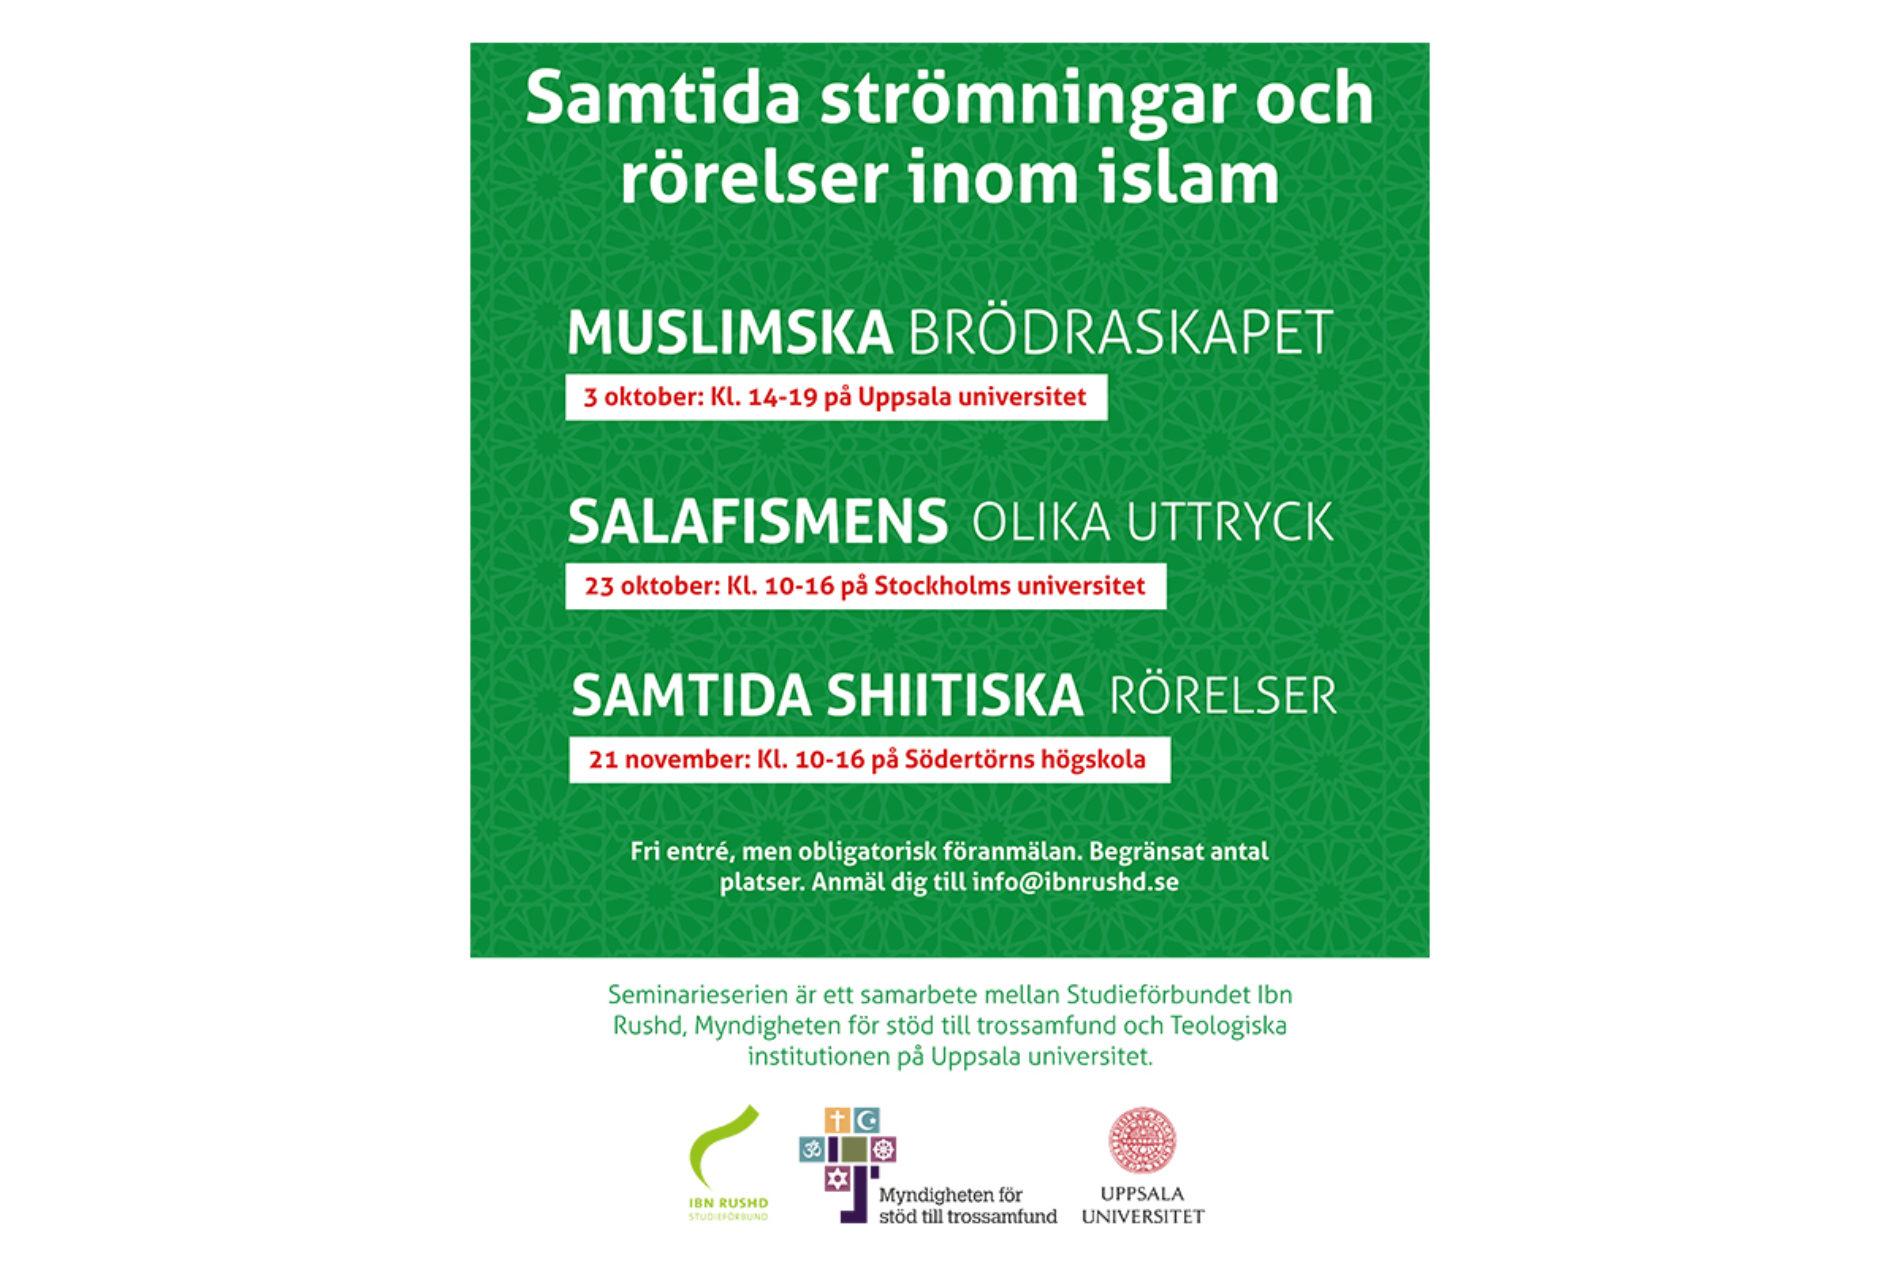 Föreläsningsserie om samtida rörelser inom islam